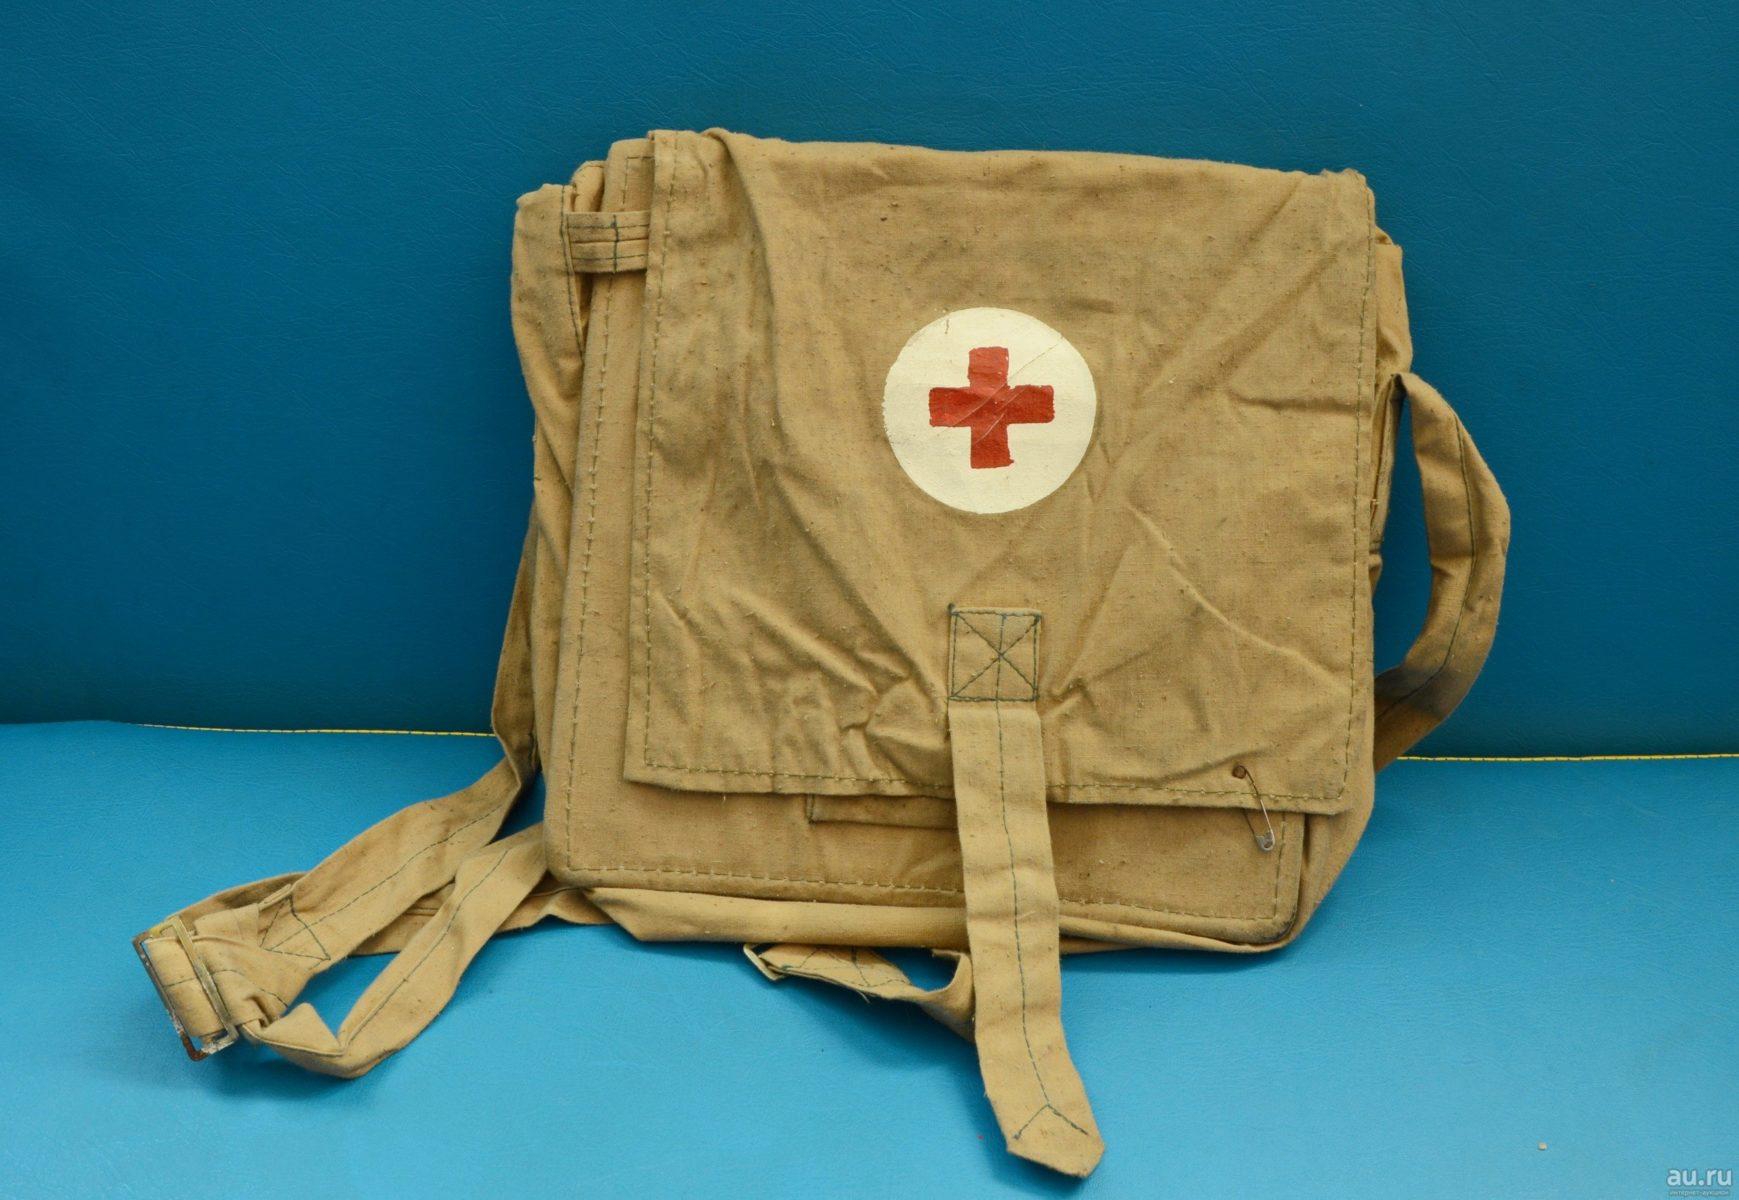 Виртуальный мастер-класс «Медицинская сумка» – события на сайте «Московские Сезоны»